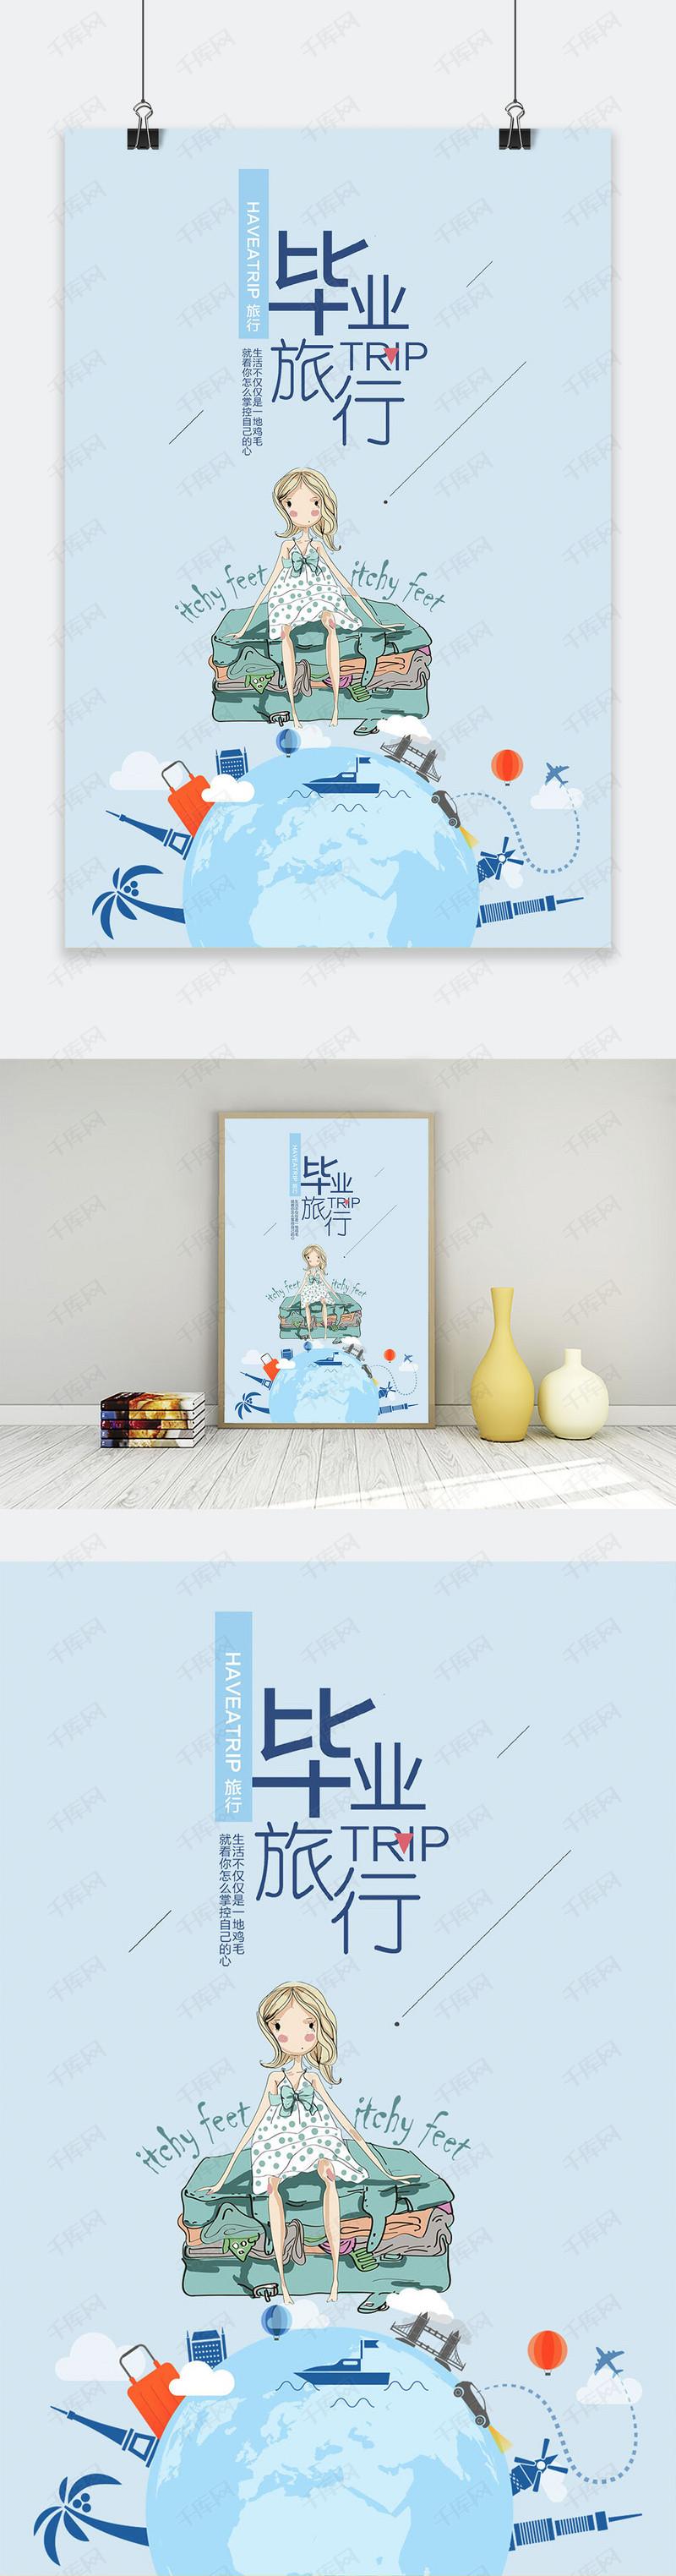 千库原创毕业旅行宣传海报